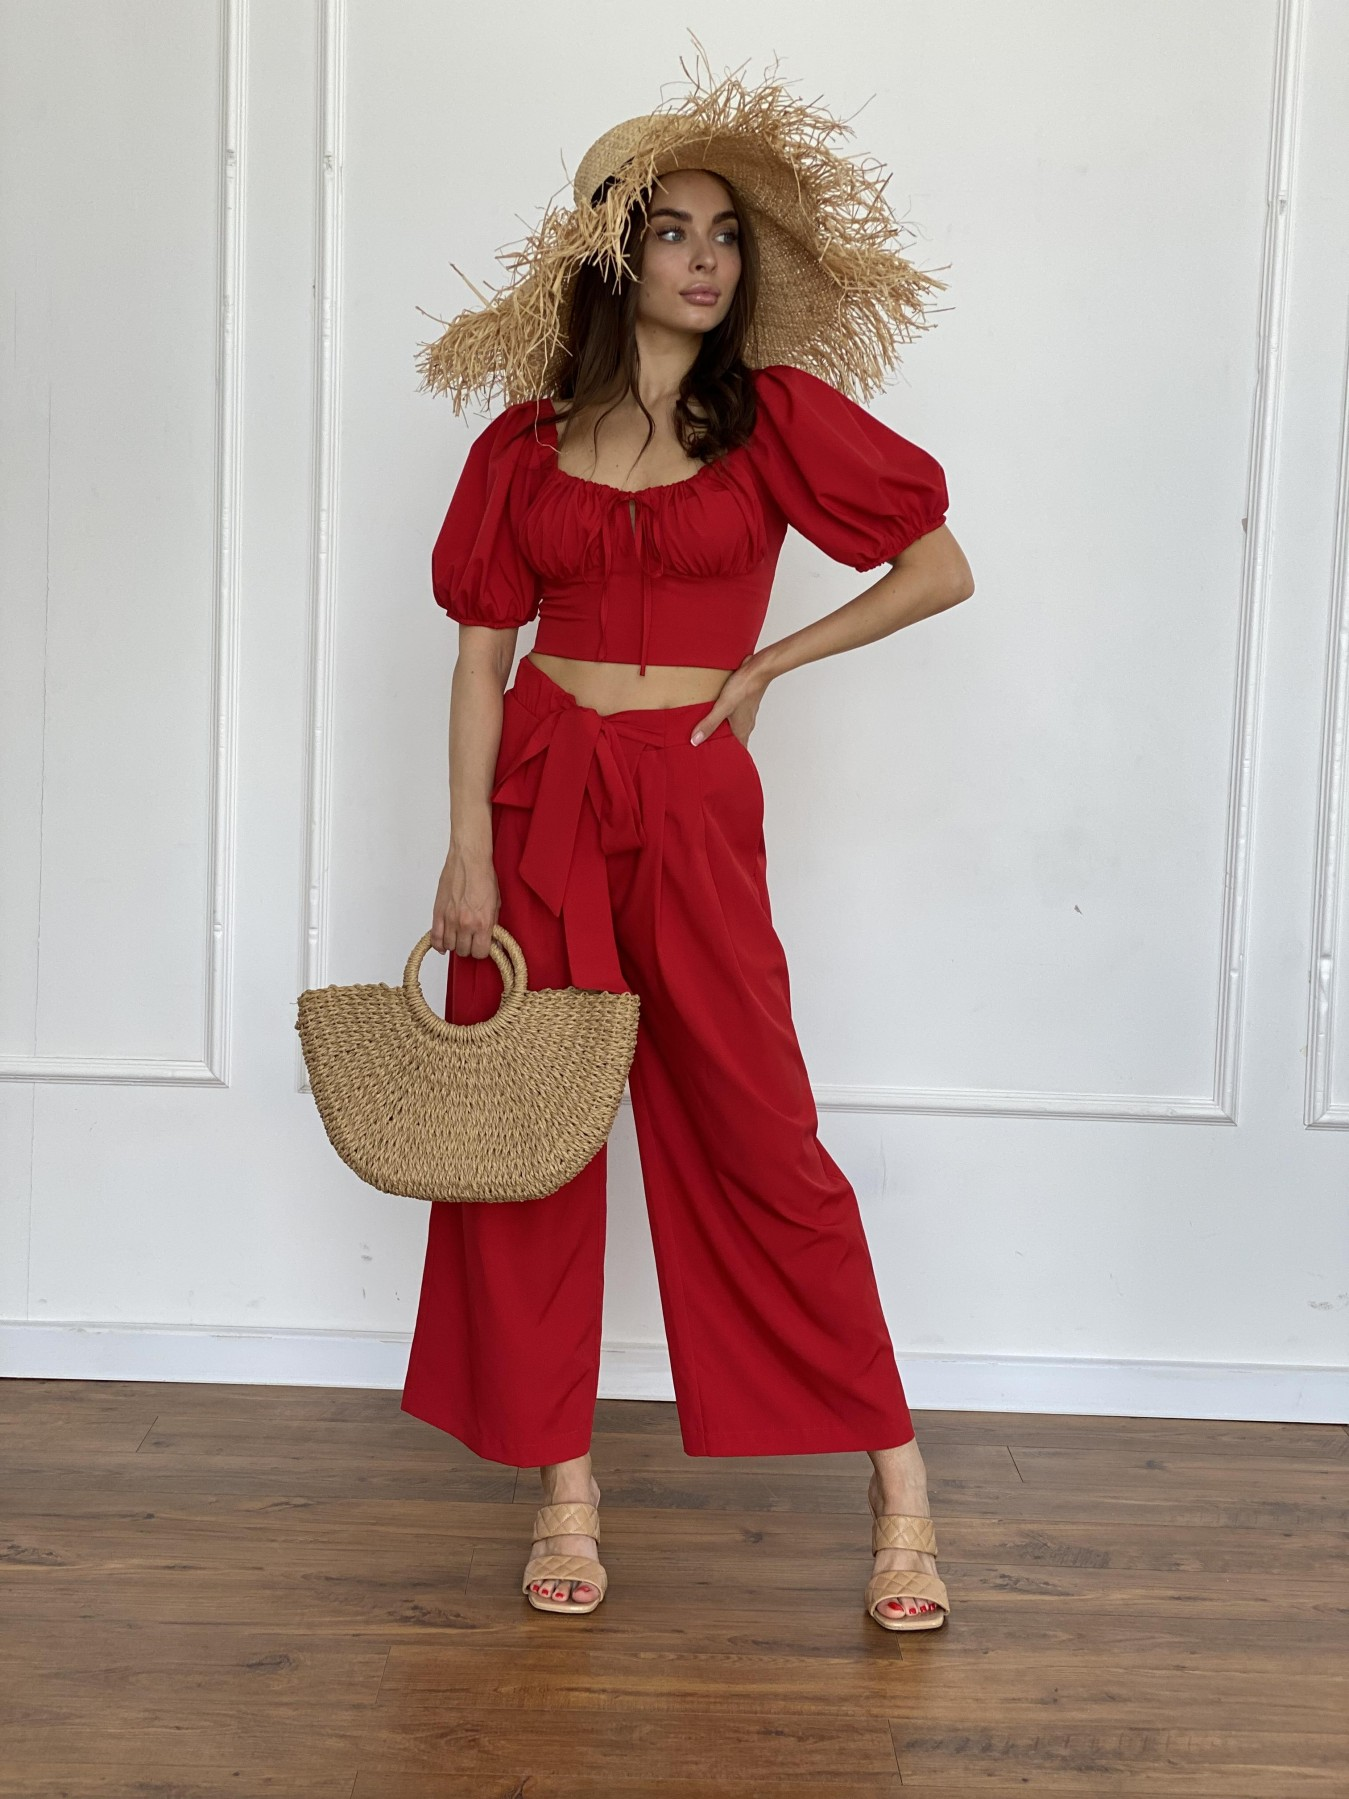 Лагуна 3 костюм из софта 11561 АРТ. 48231 Цвет: Красный - фото 4, интернет магазин tm-modus.ru